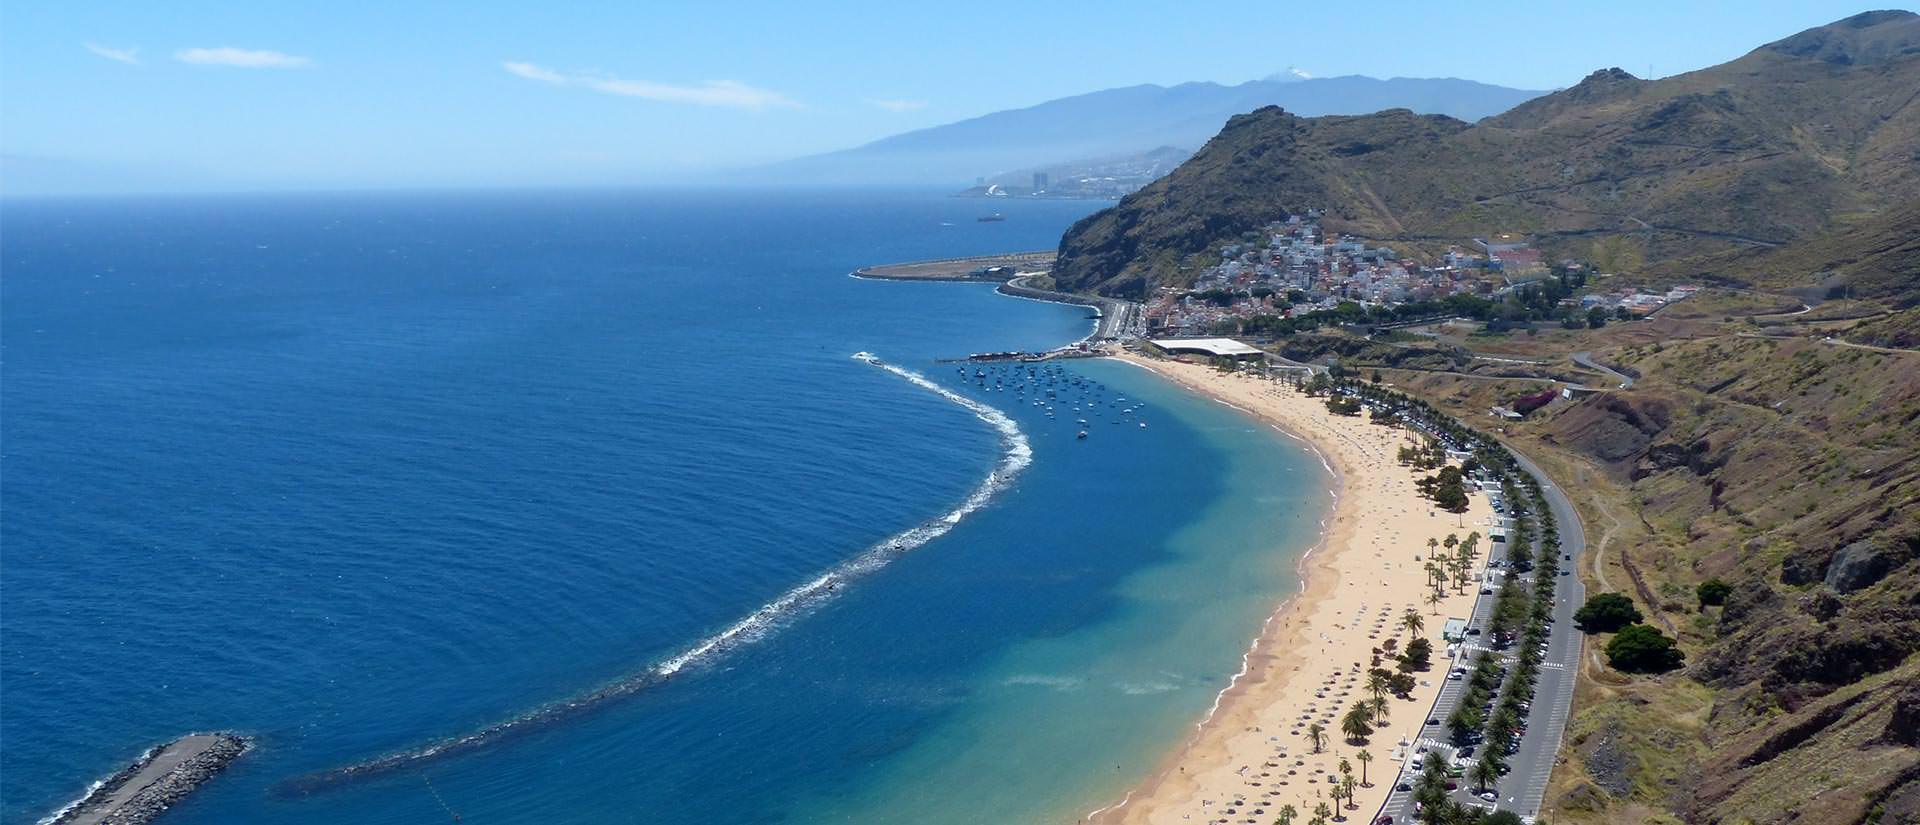 טיול לאיים הקנריים - 10 ימים - גן עדן באוקיינוס האטלנטי בקרנבל